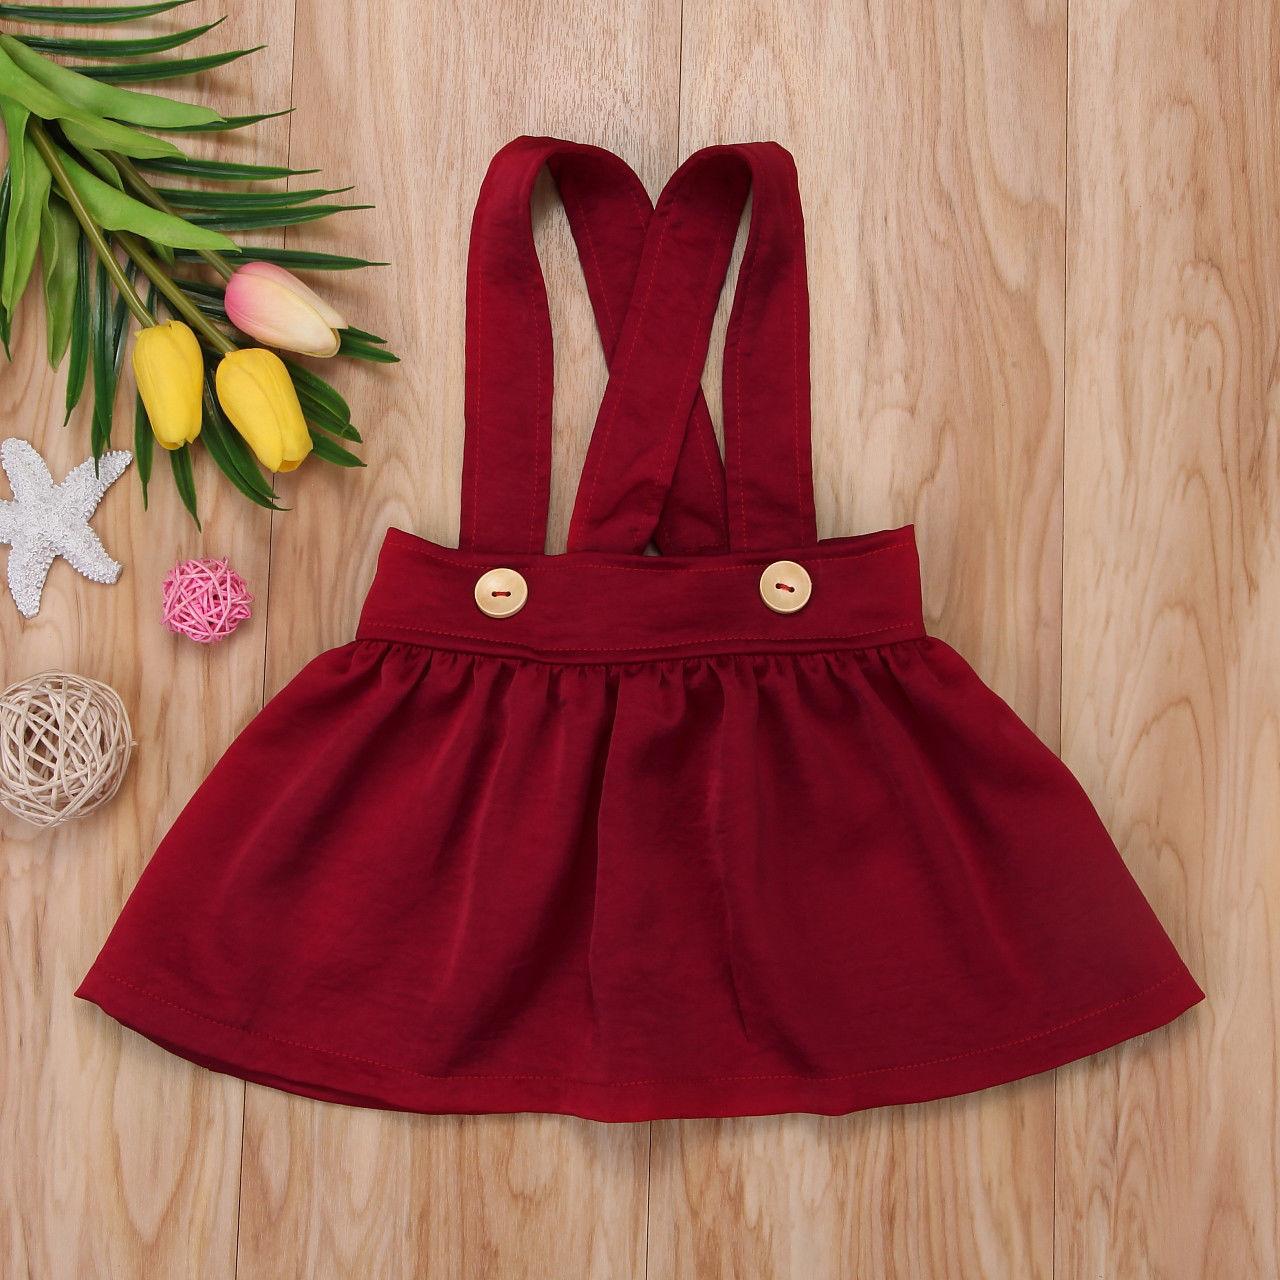 Mädchen Kleidung Röcke Kleinkind Kinder Baby Mädchen Prinzessin Baumwolle Rock Casual Tutu Strumpf Kleidung Kaufe Jetzt